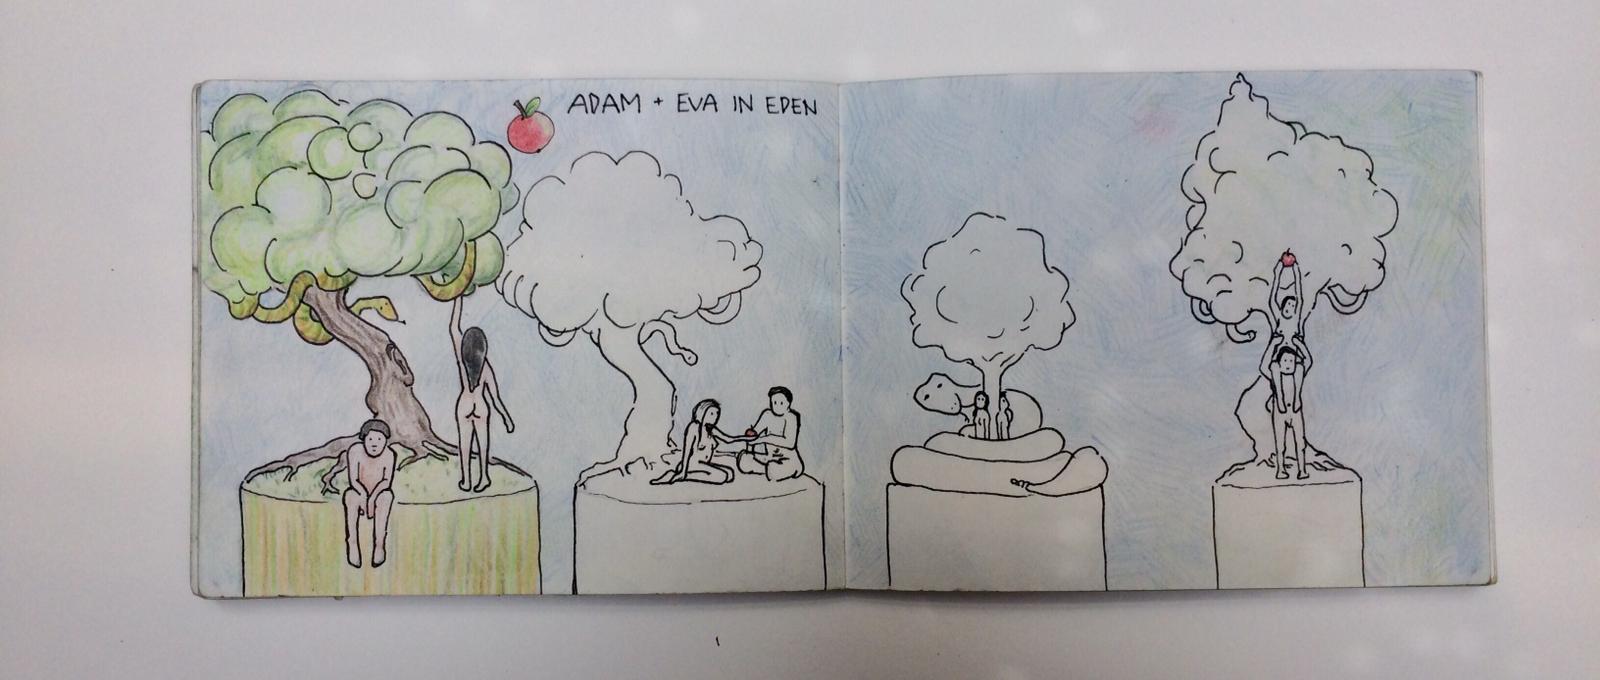 werkstatt-eden-lis-werner-illustration-skizzenbuch4